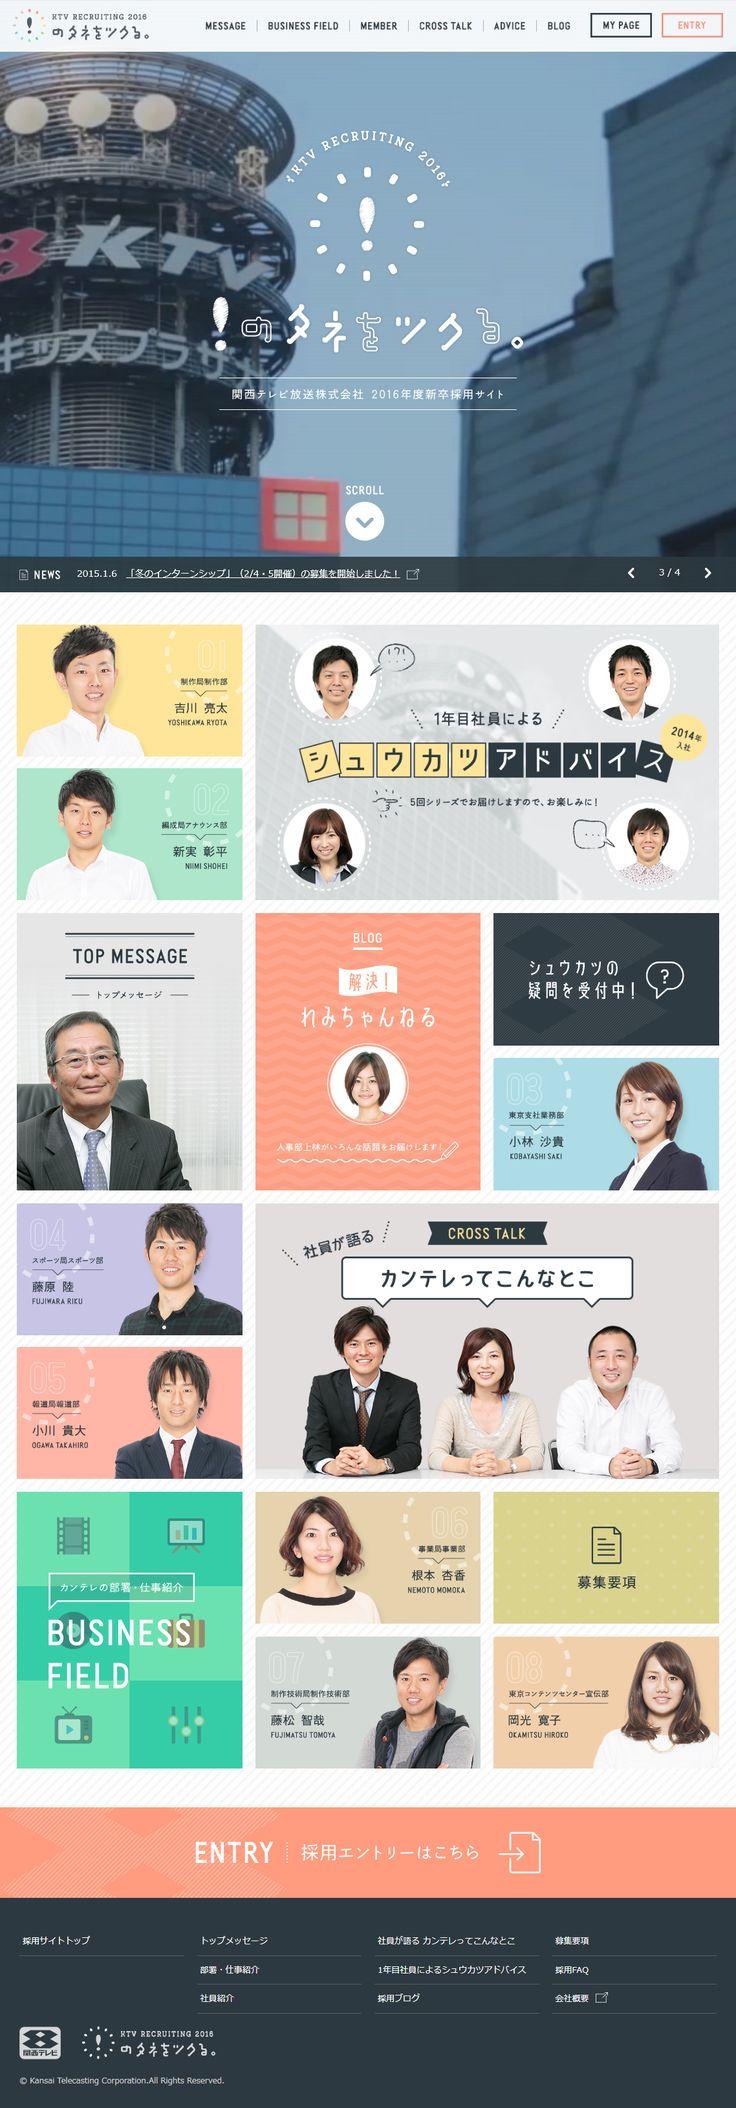 関西テレビ RECRUIT 2016 「!のタネをツクる。」 | カンテレ採用 - 関西テレビ放送